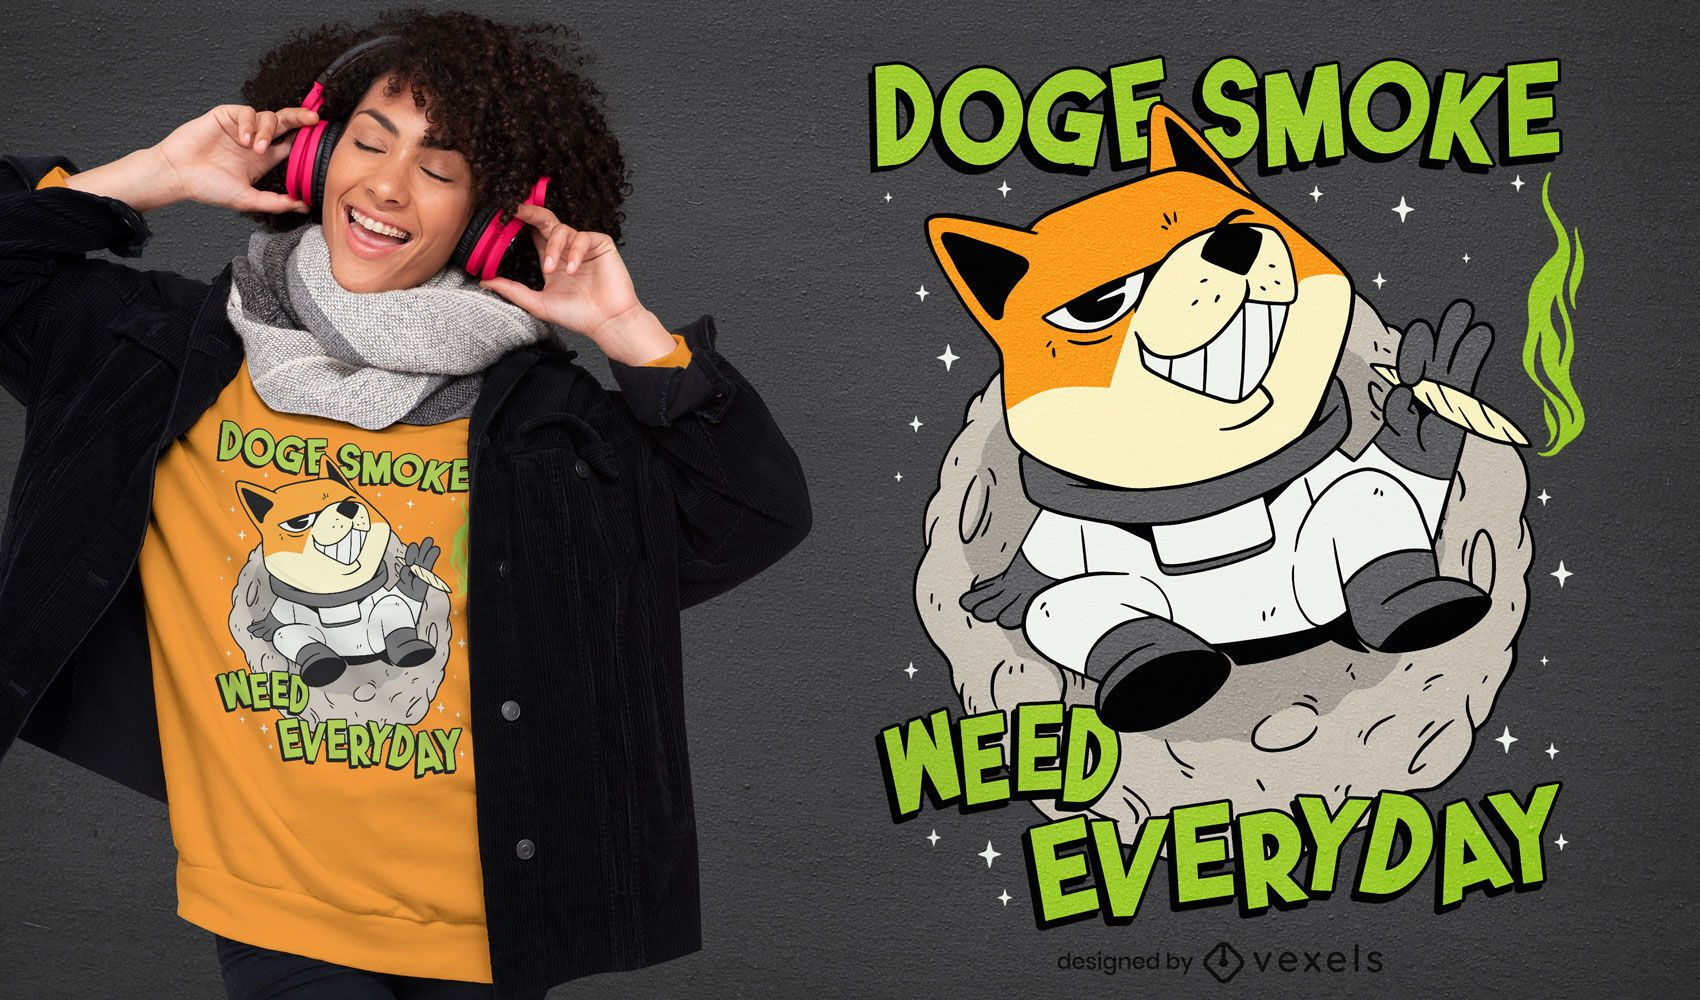 Doge fumando maconha no design de camiseta espacial